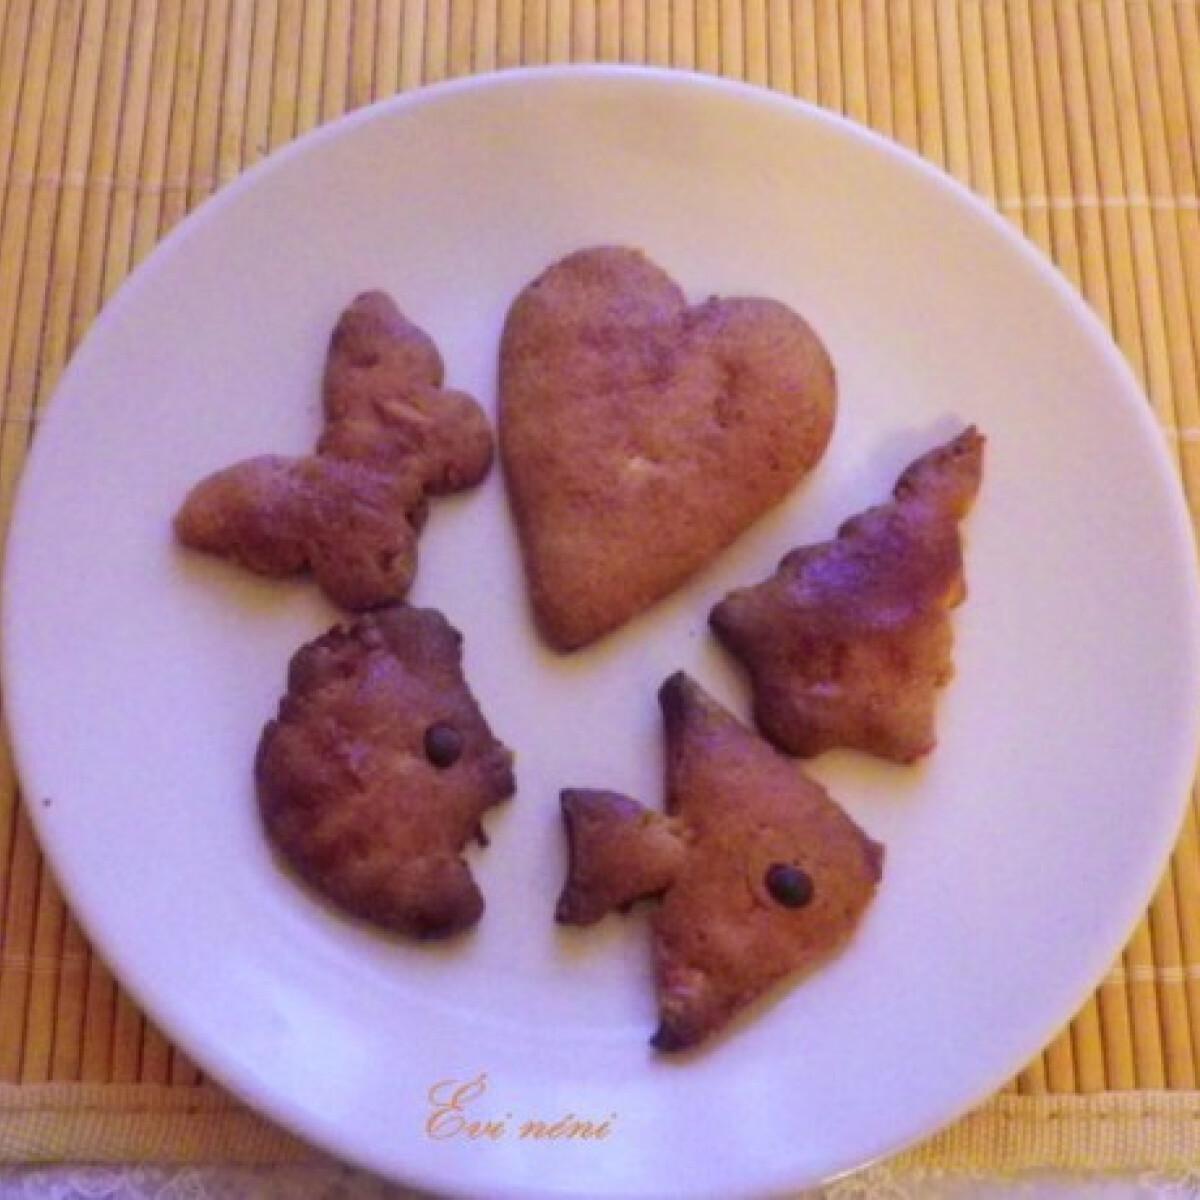 Mézeskalács Évi néni konyhájából